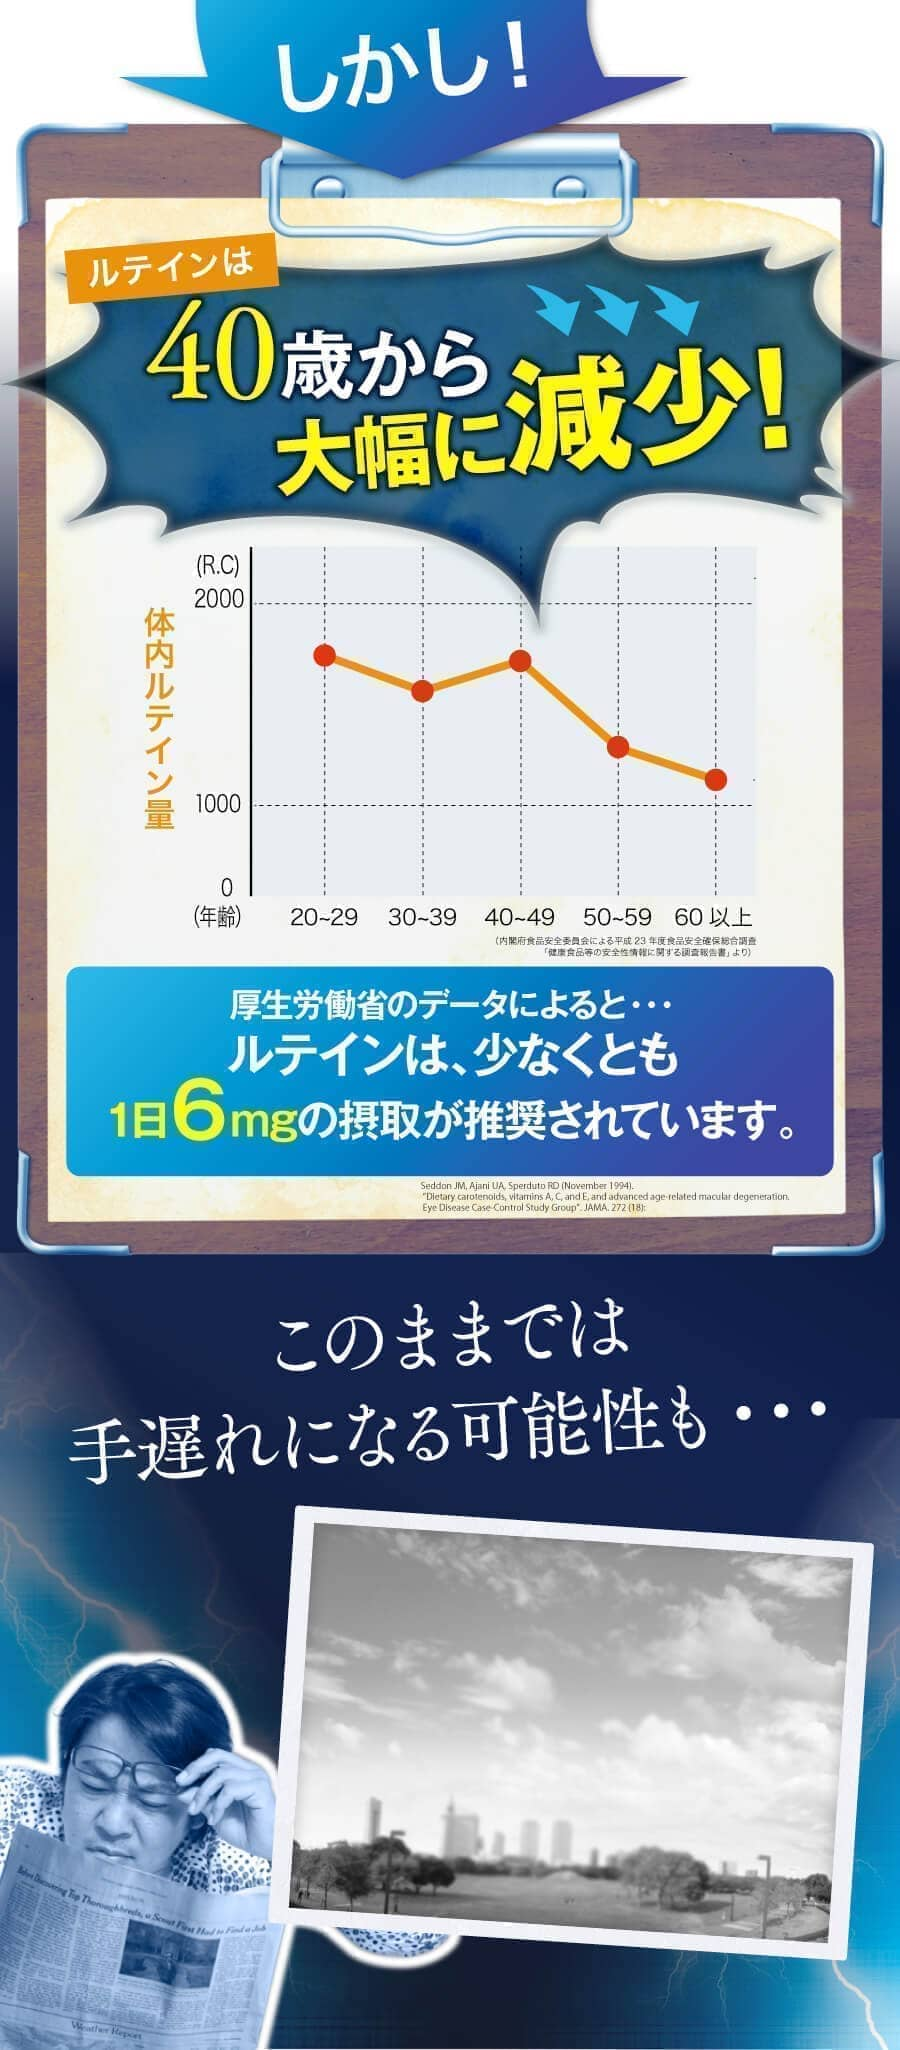 しかし、ルテインは40歳から大幅に減少。厚生労働省によるとルテインは少なくとも1日6mgも摂取が必要。このままでは手遅れになる可能性も